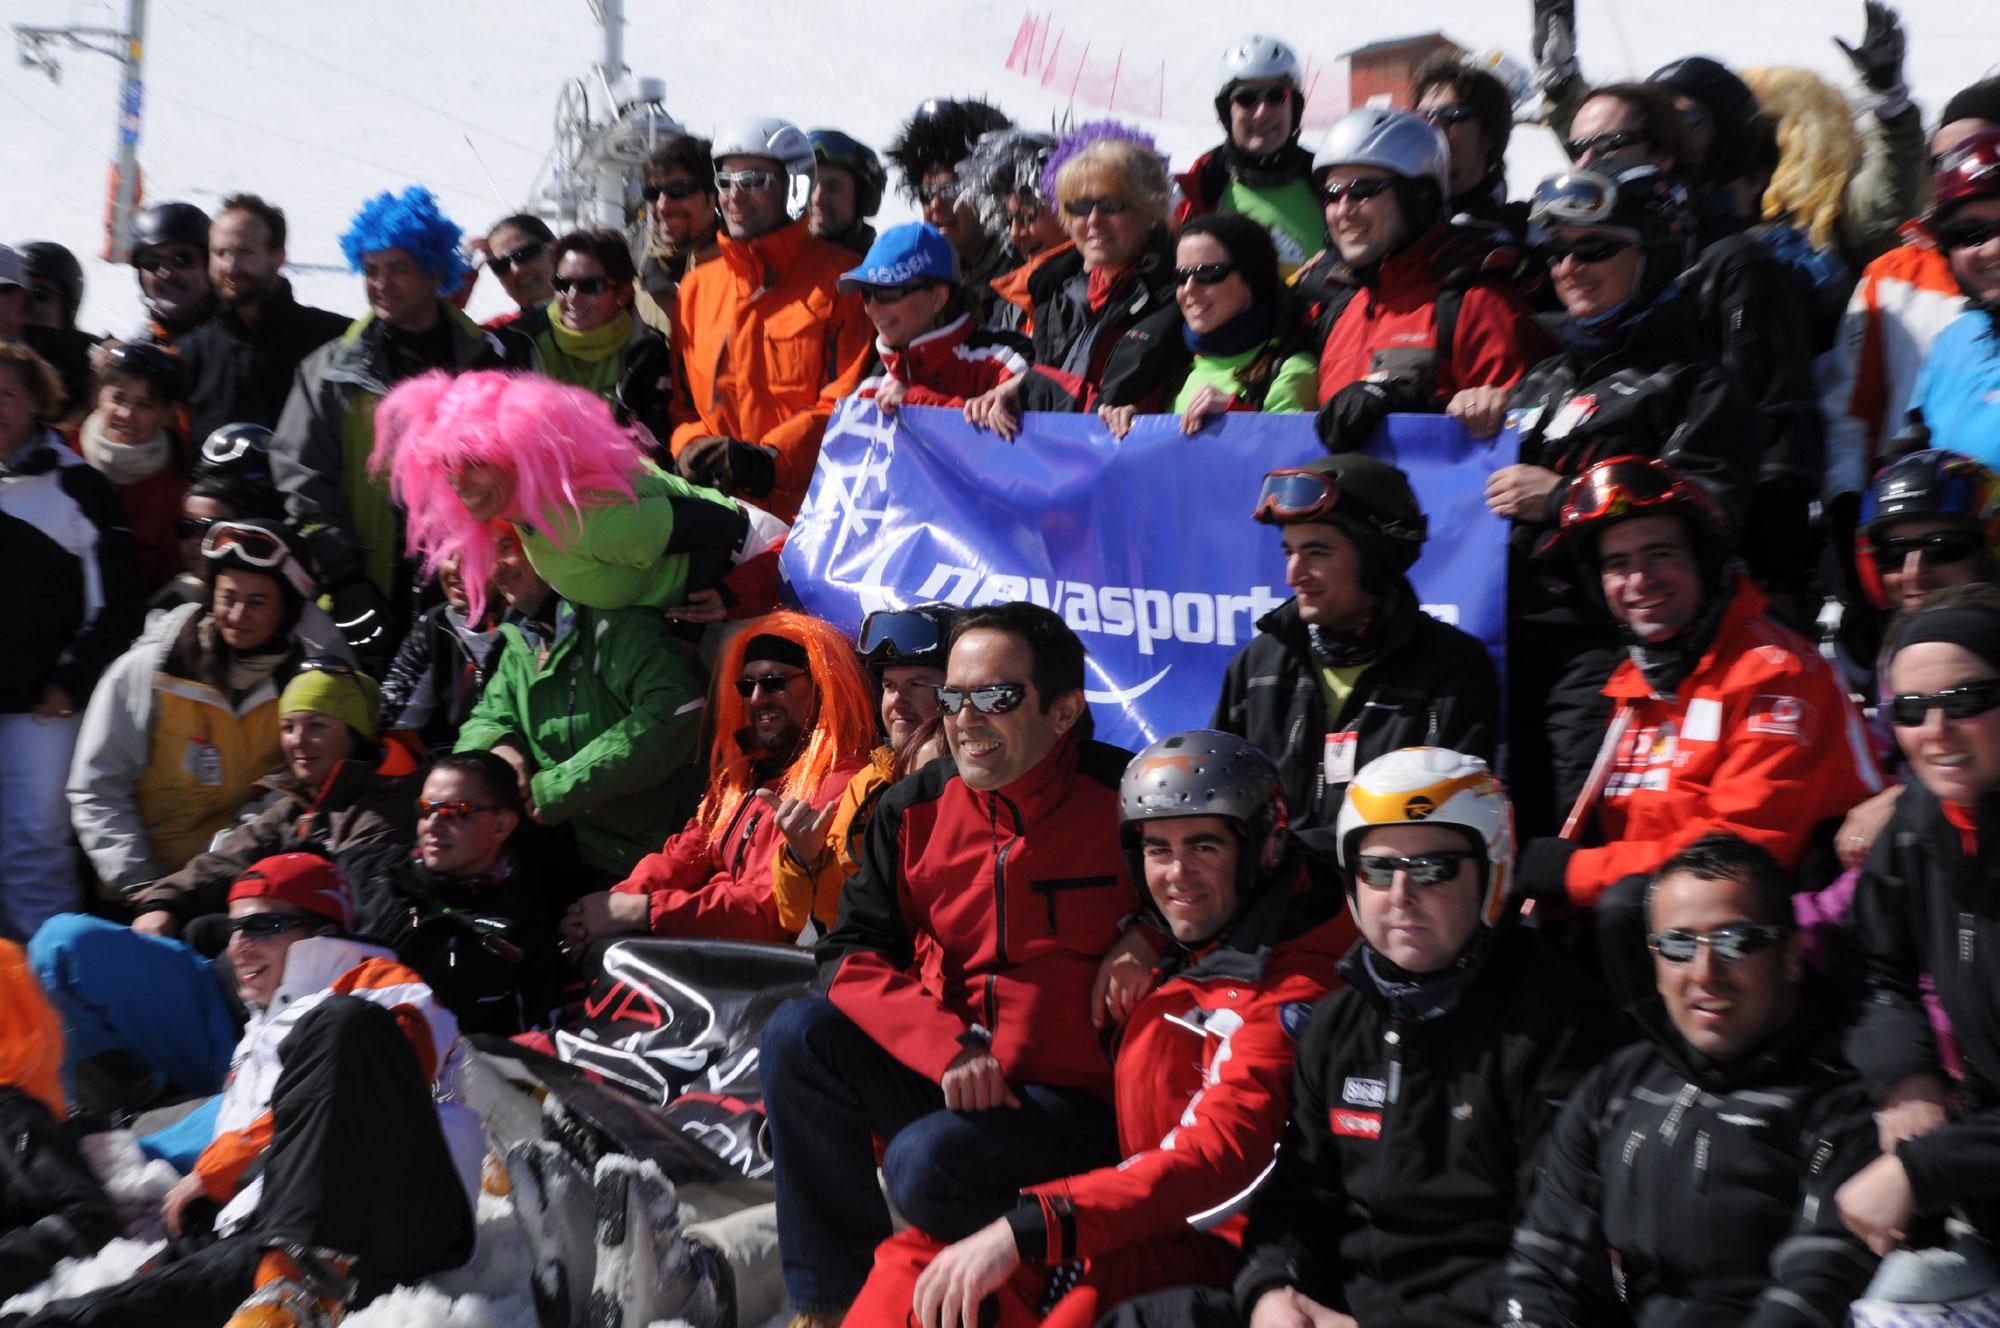 Foto oficial grupo Kedada Nevasport 2010